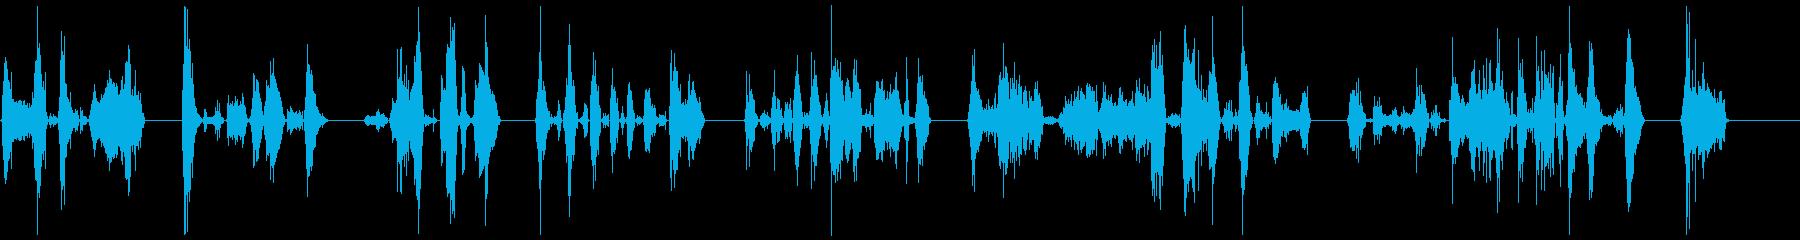 ゾンビの悪質な攻撃8-15の再生済みの波形